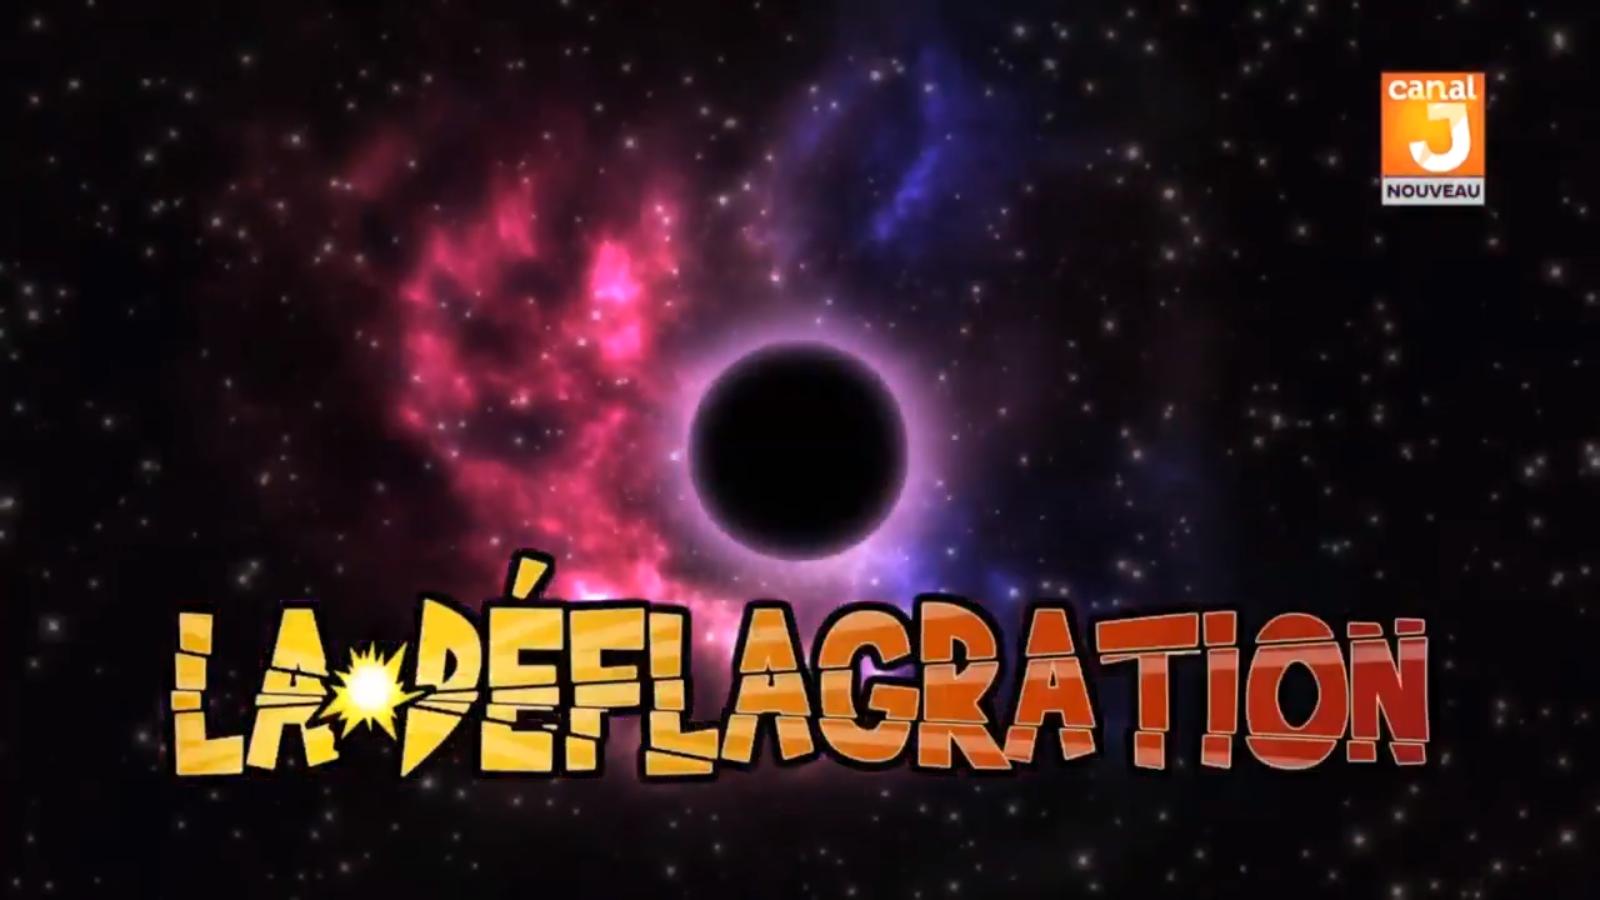 La Déflagration